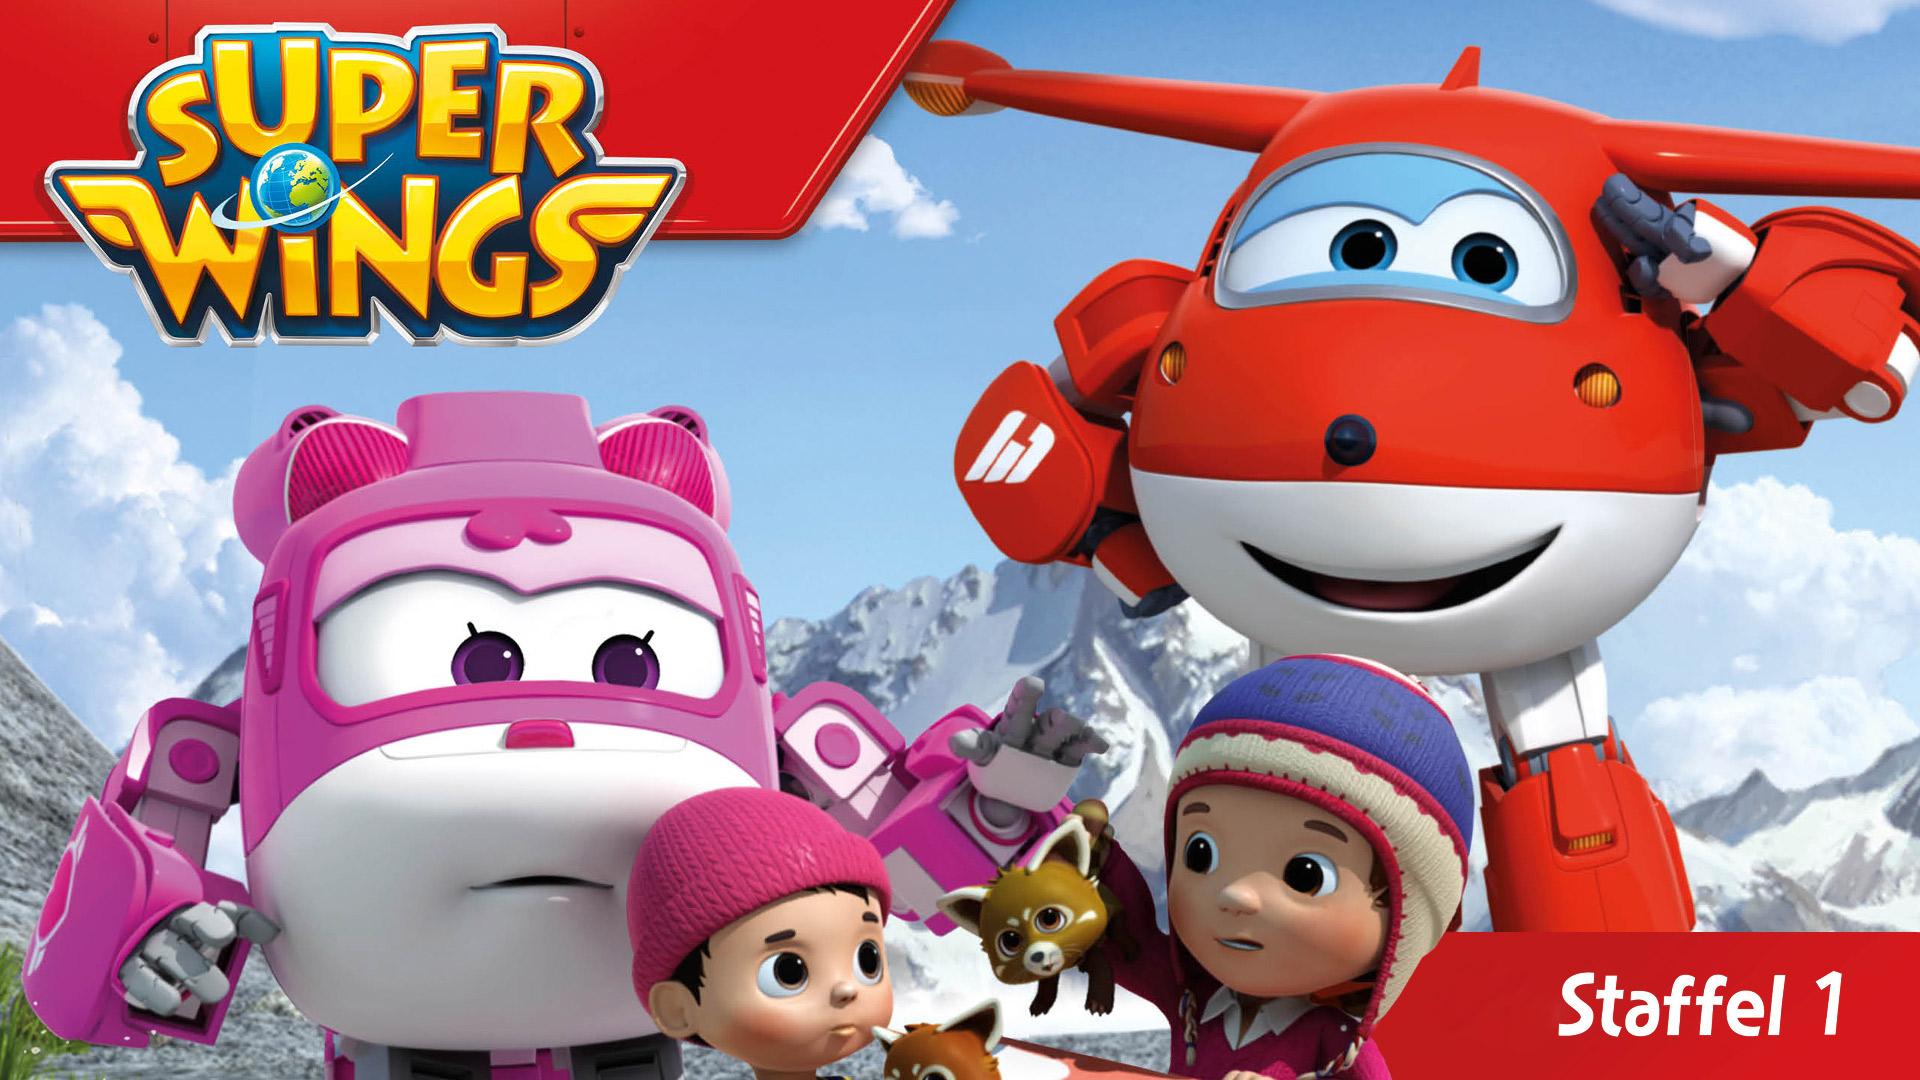 Super Wings - Staffel 1